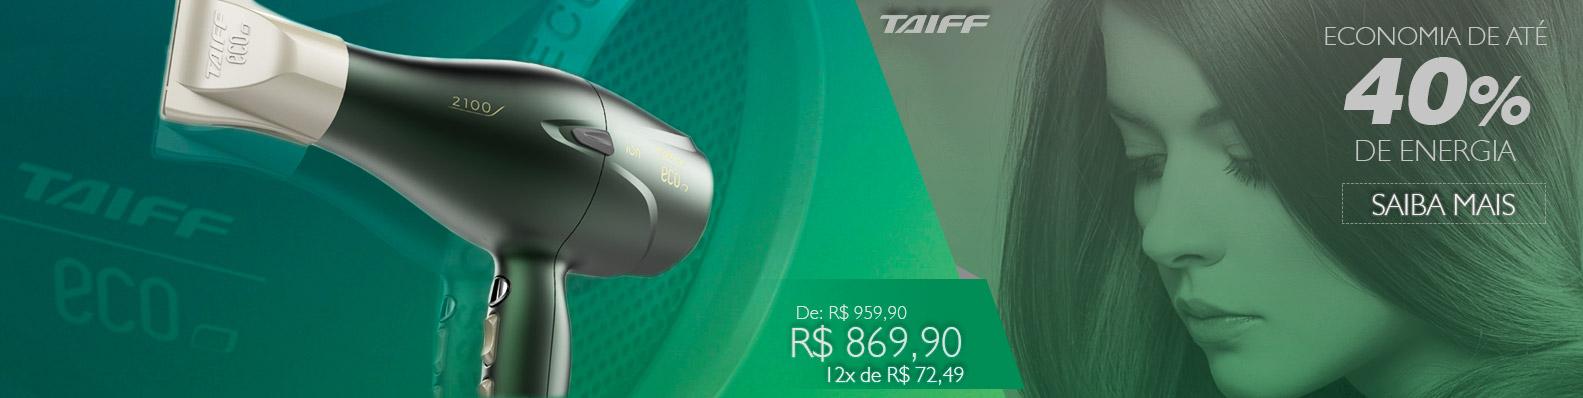 Taiff Eco